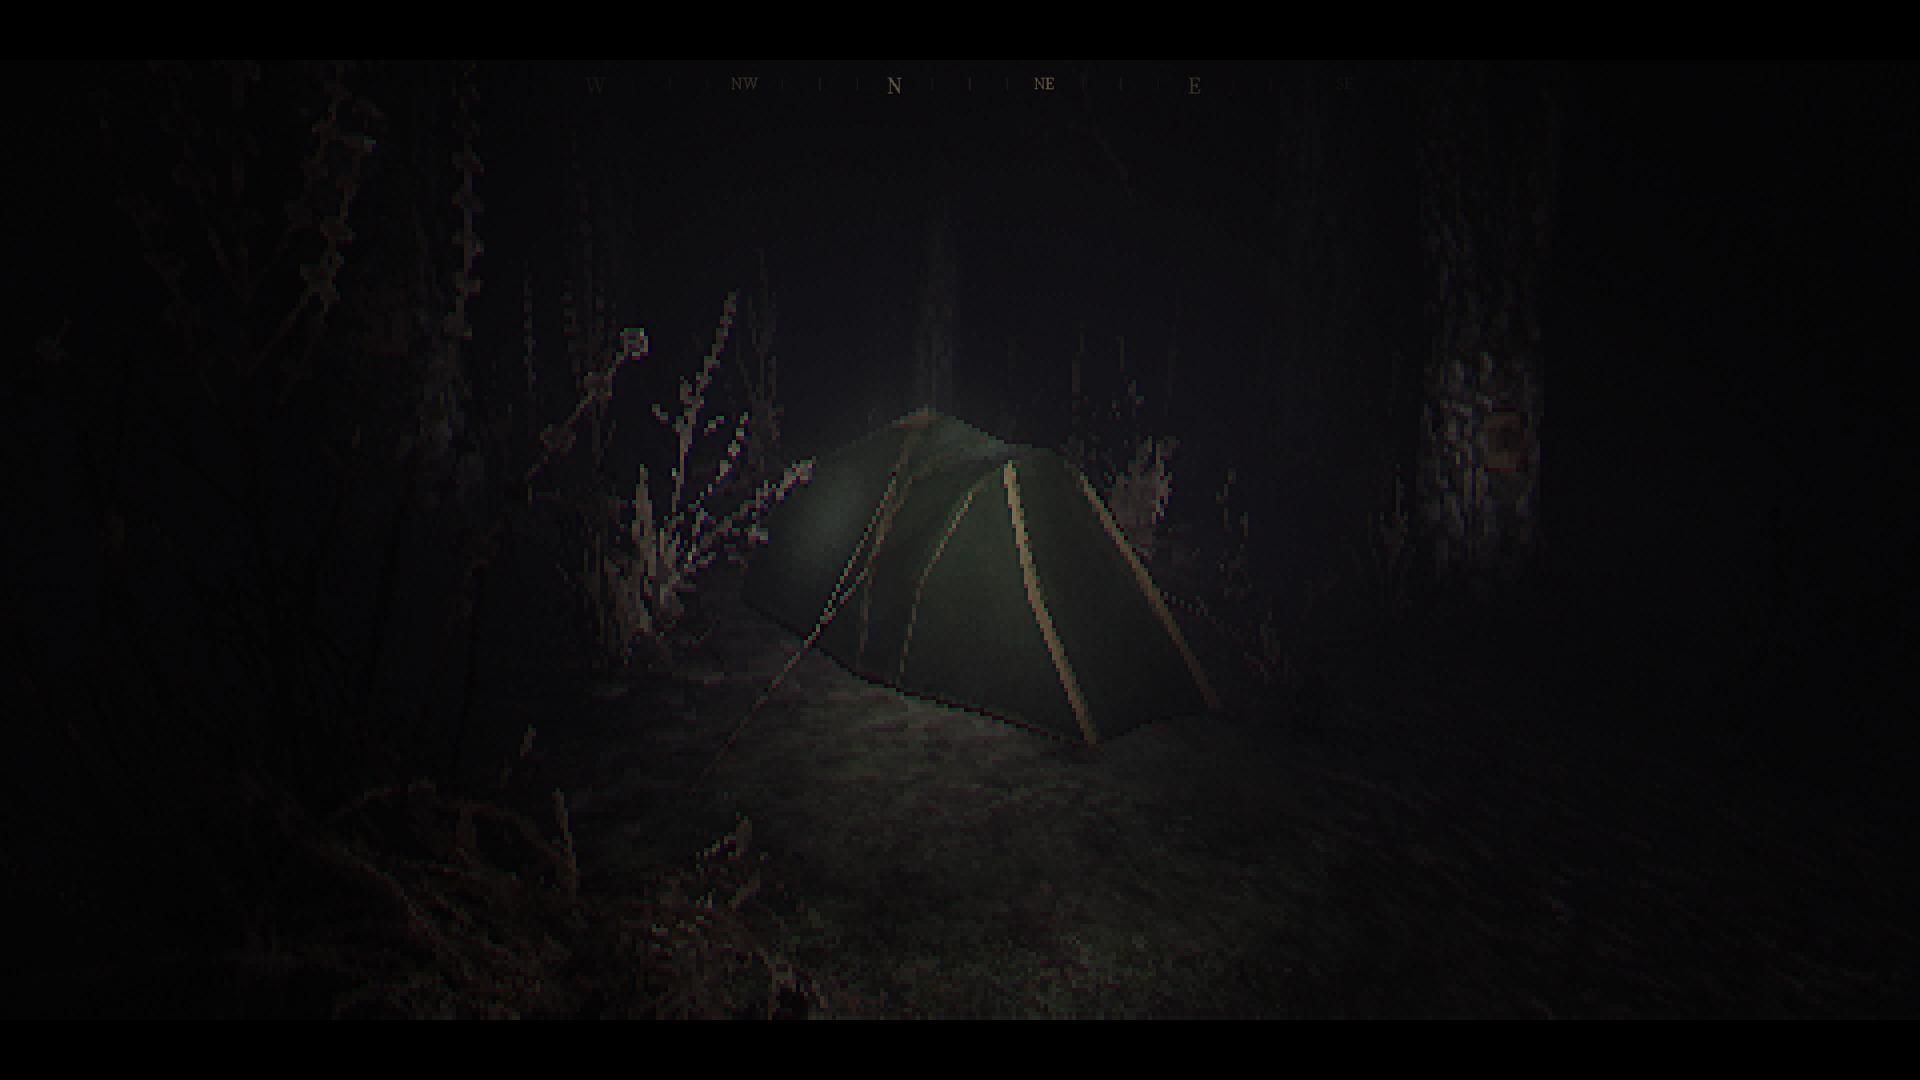 woods-0.jpg